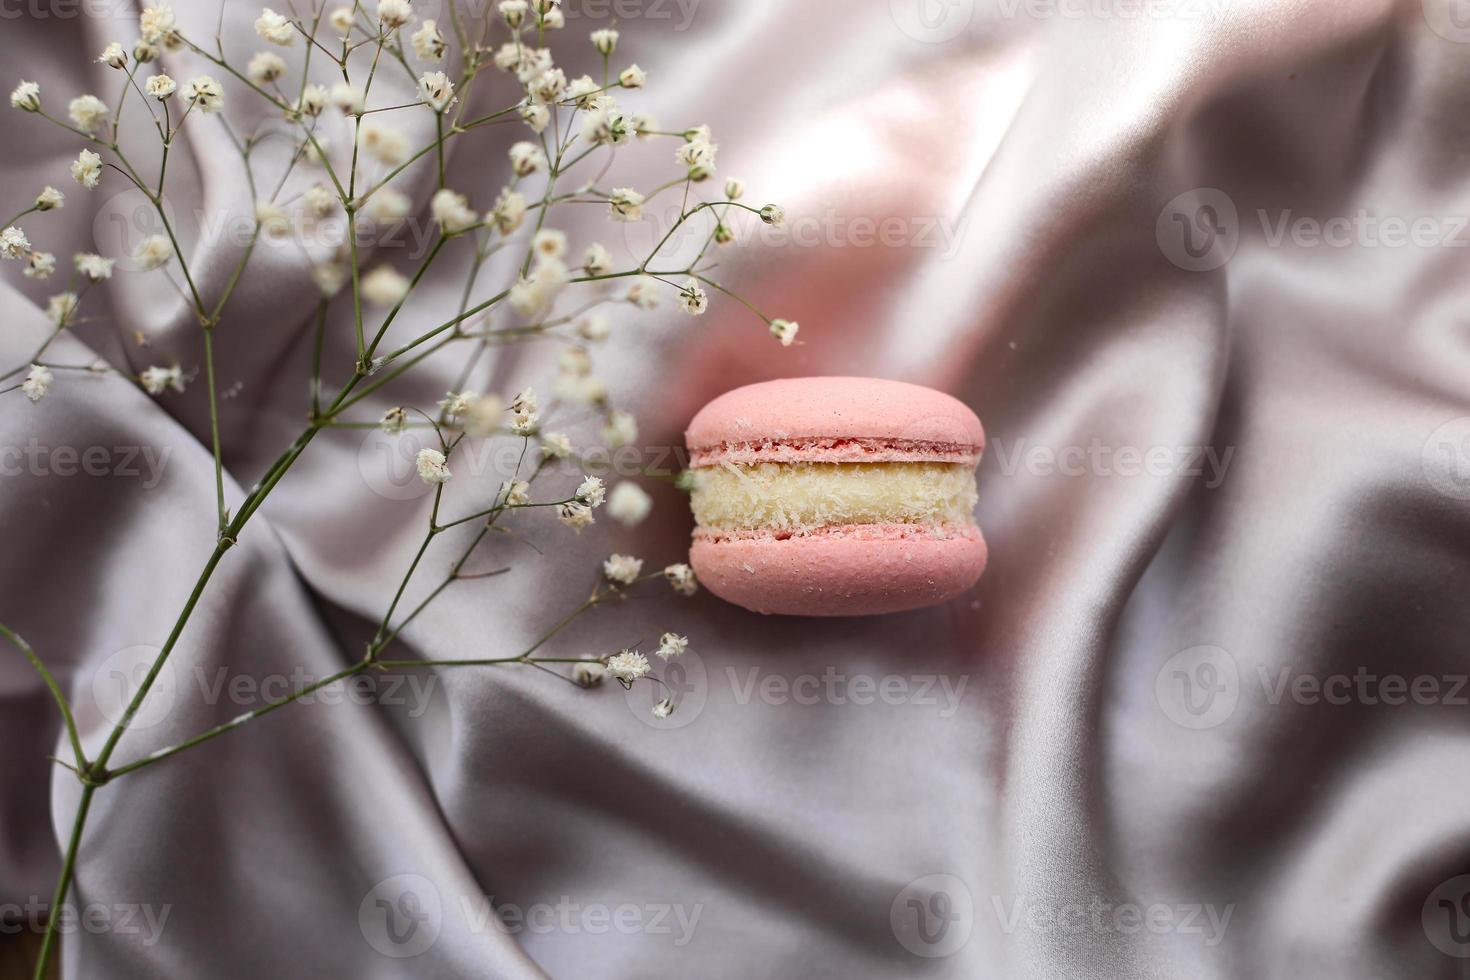 rosa franska makroner eller makronkakor och vita blommor på en tygbakgrund. naturlig frukt- och bärsmak, krämig fyllning för alla hjärtans mors dag påsk med kärleksmat. foto